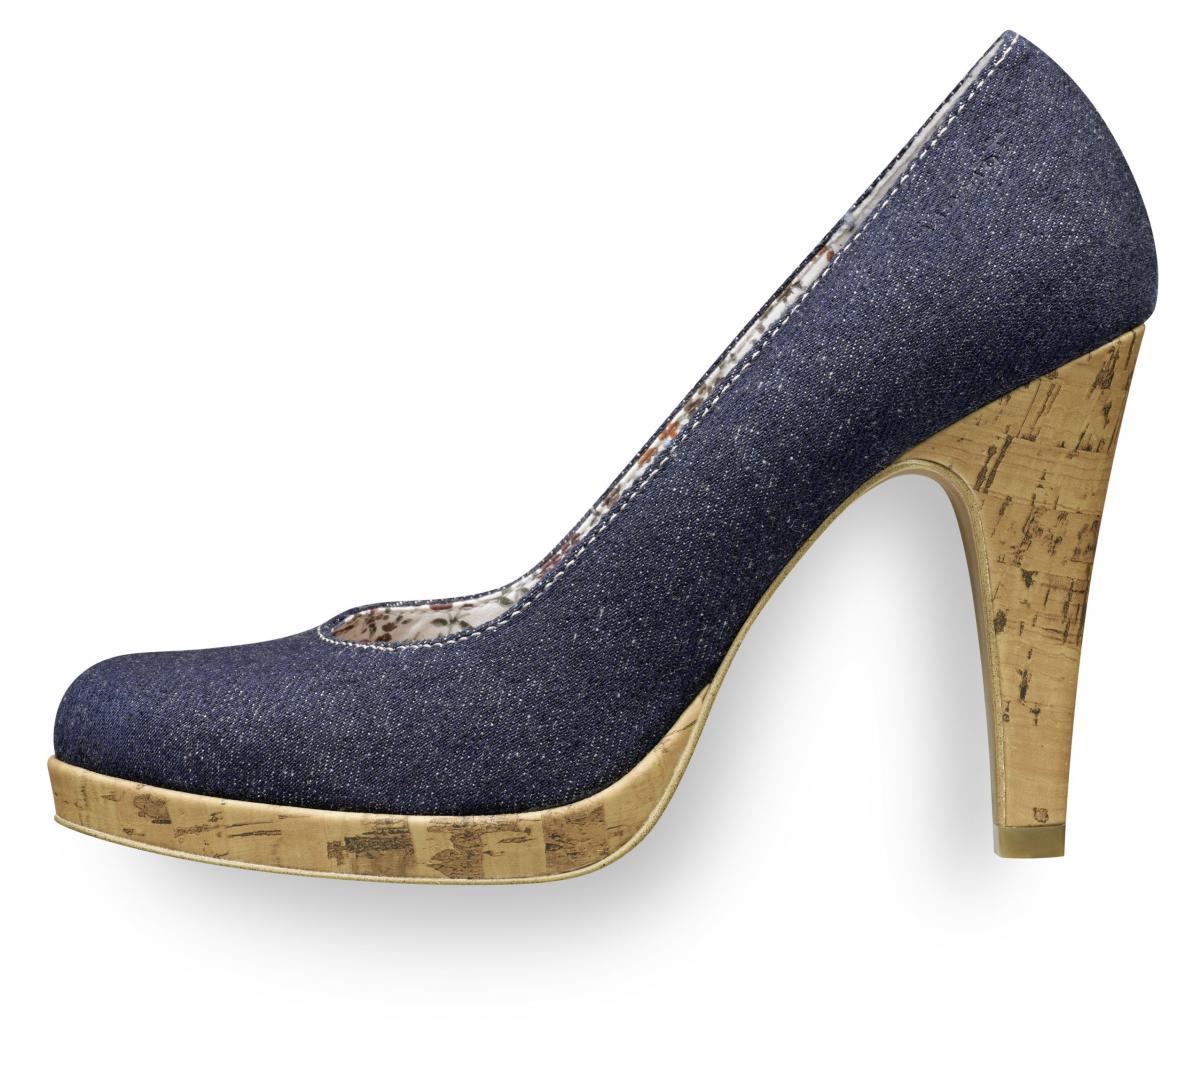 granatowe pantofle Tamaris na wysokim obcasie - wiosenna kolekcja